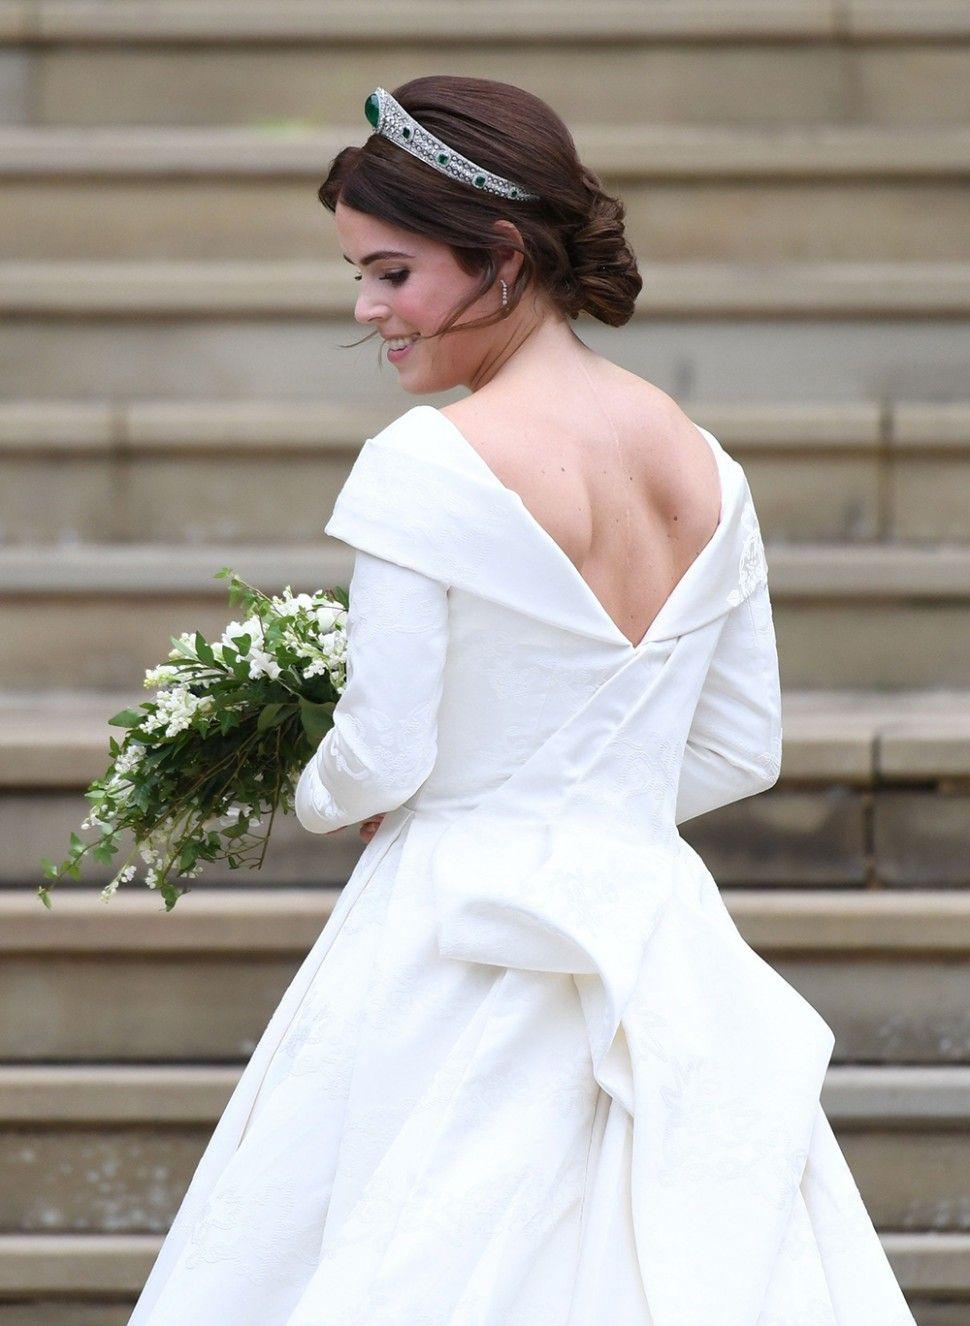 Princess Eugenie Wedding Dress Look Alike [ 1326 x 970 Pixel ]